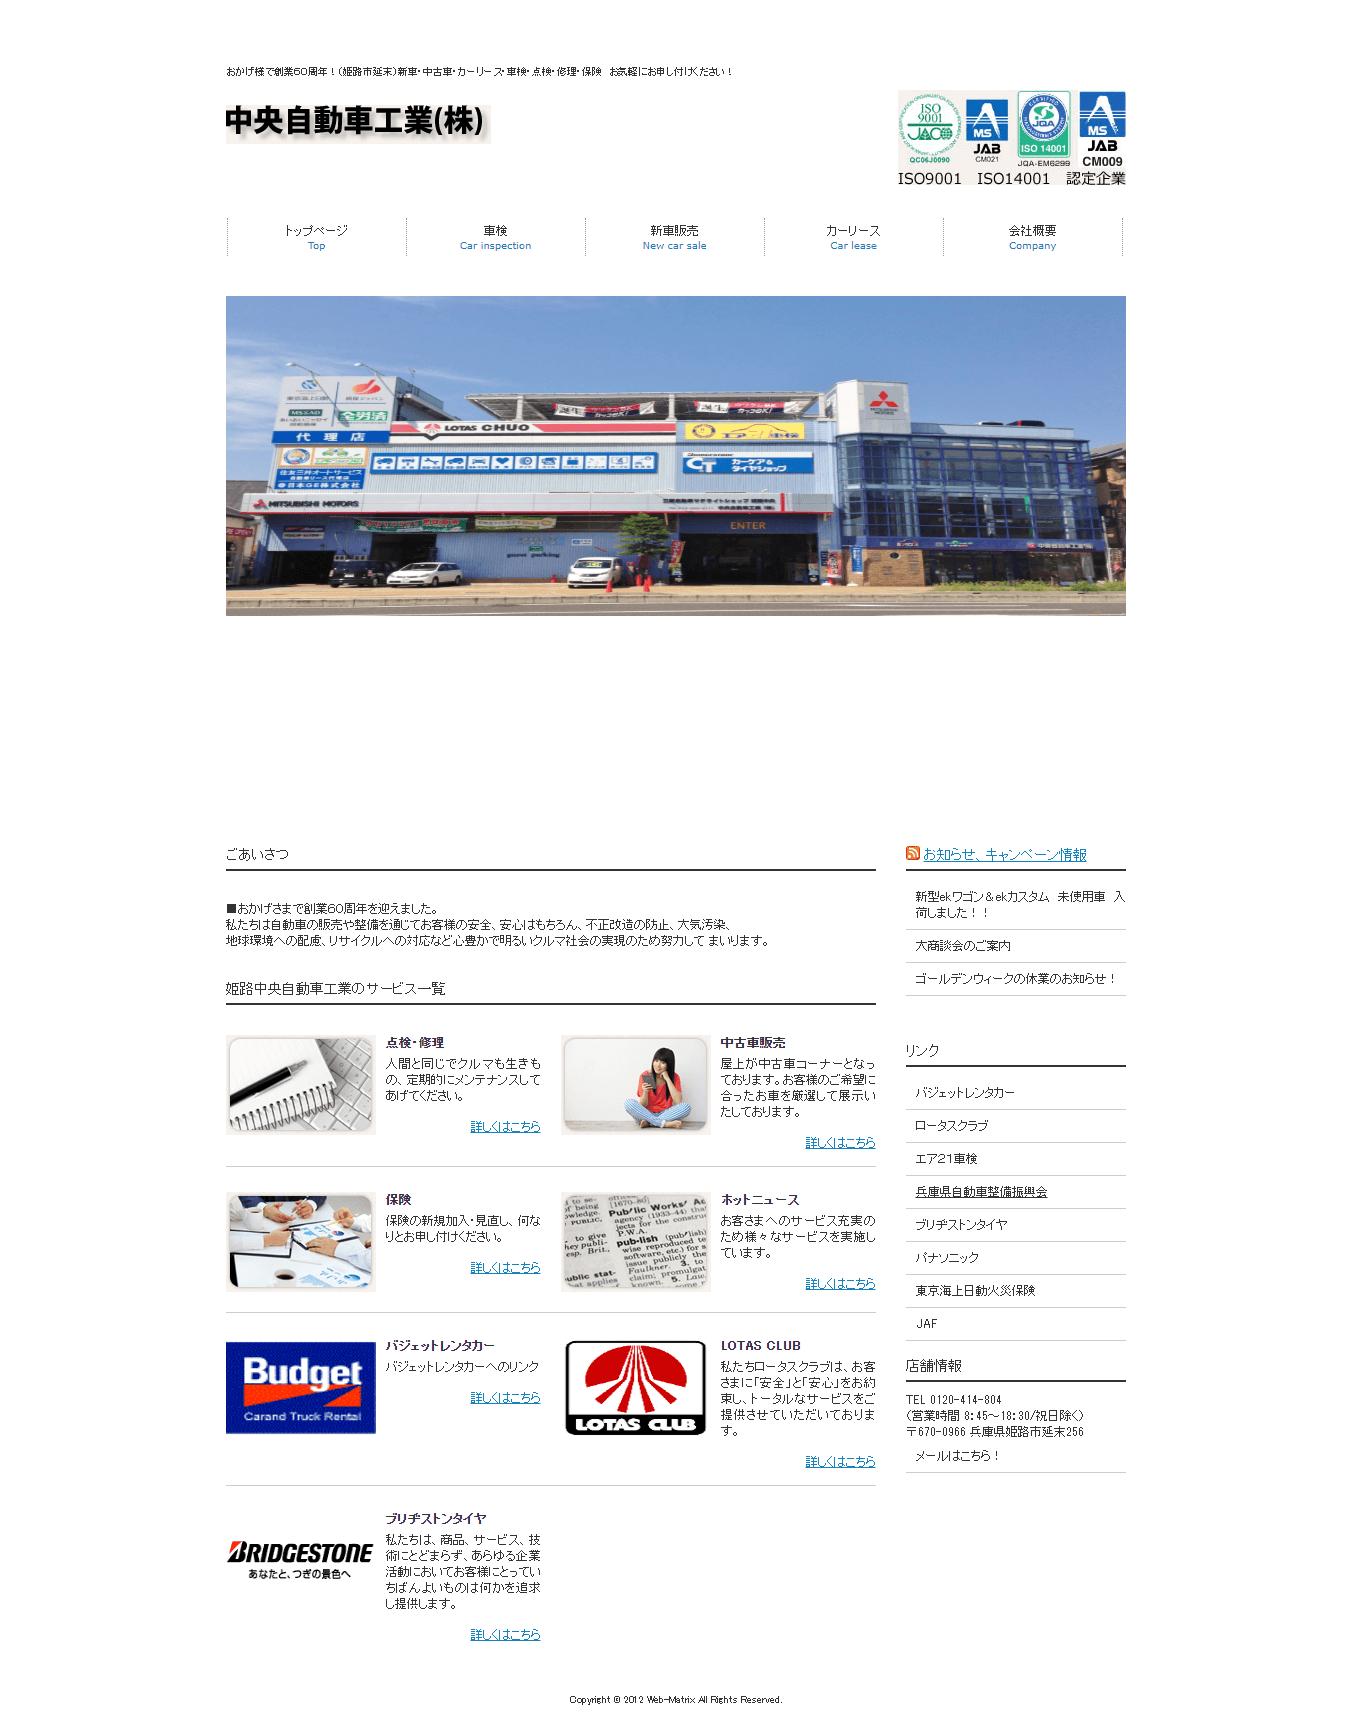 旧サイト:姫路市 中央自動車工業株式会社 ホームページ制作